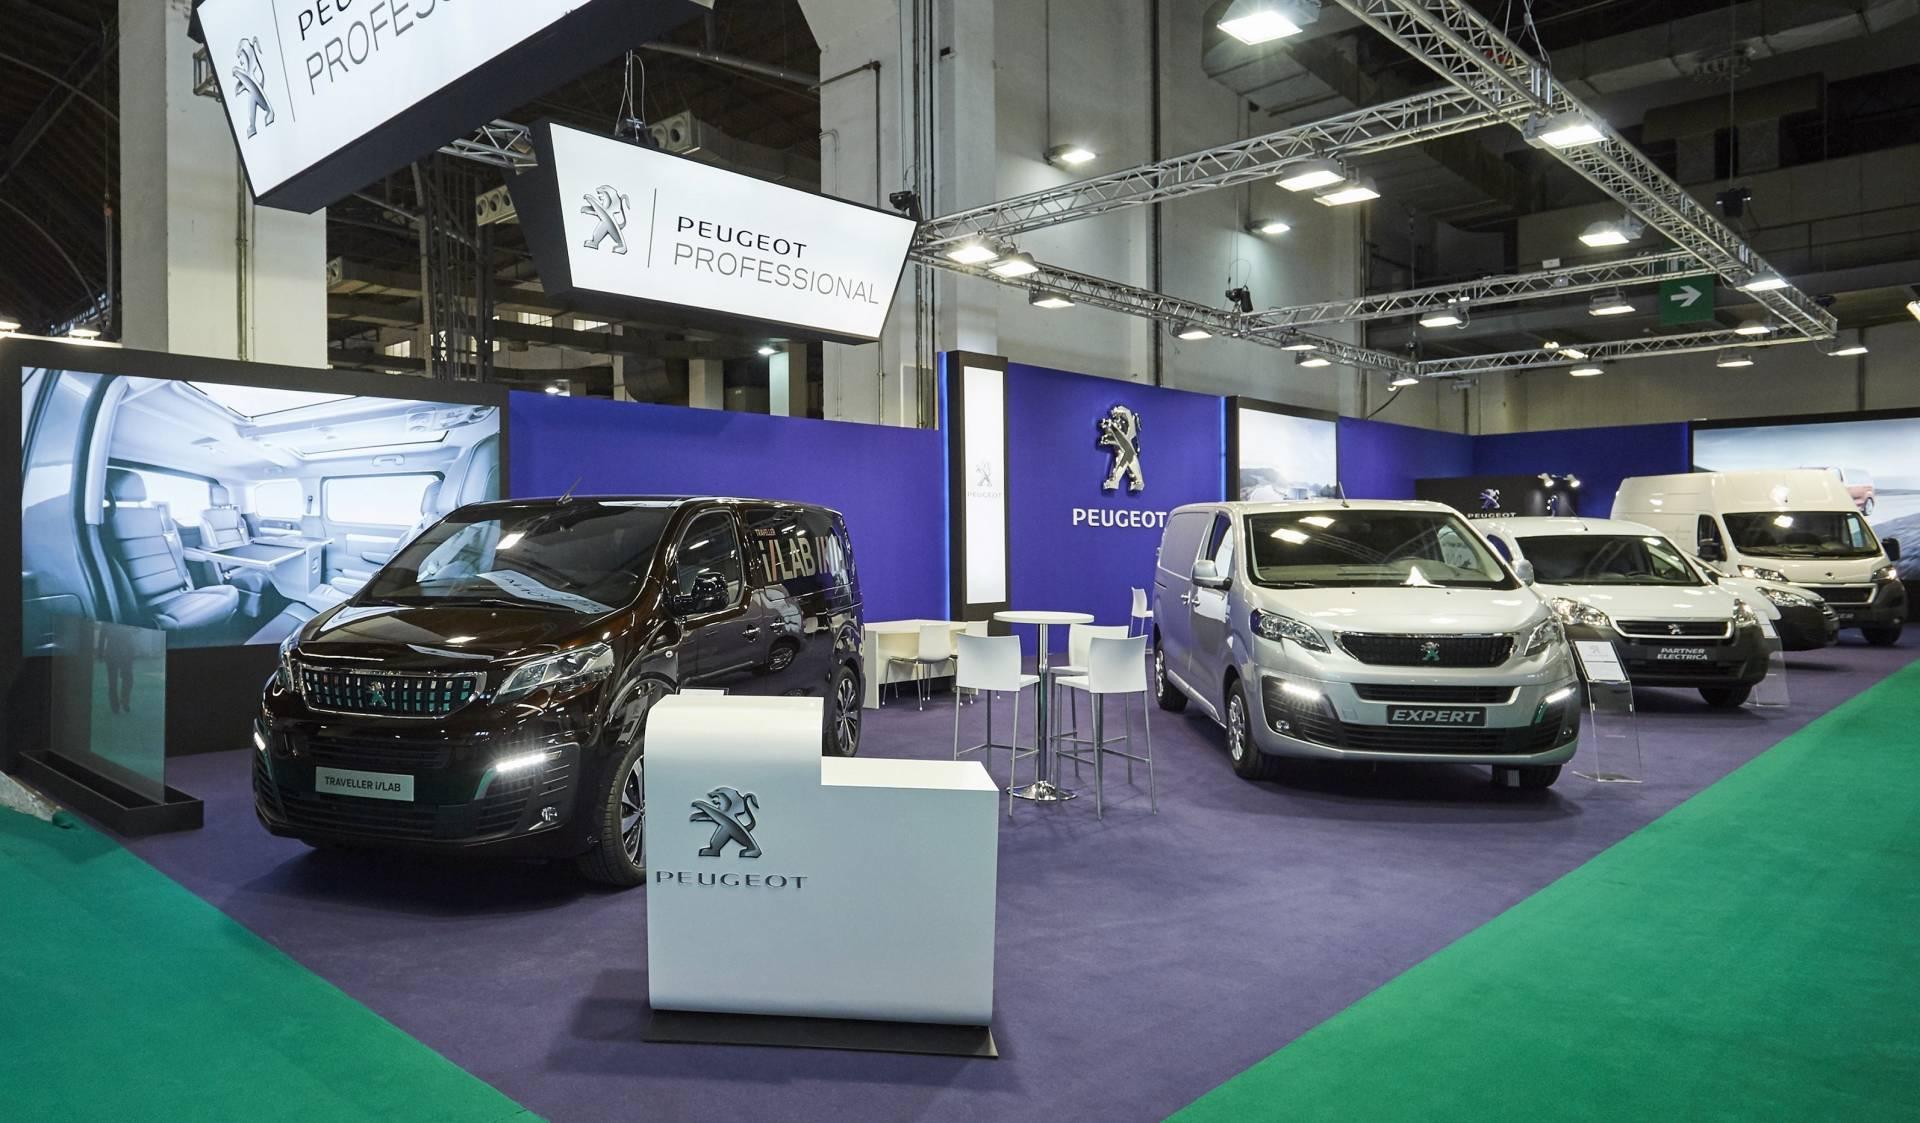 Vehículos Peugeot en el Salón de la Logística de Barcelona.